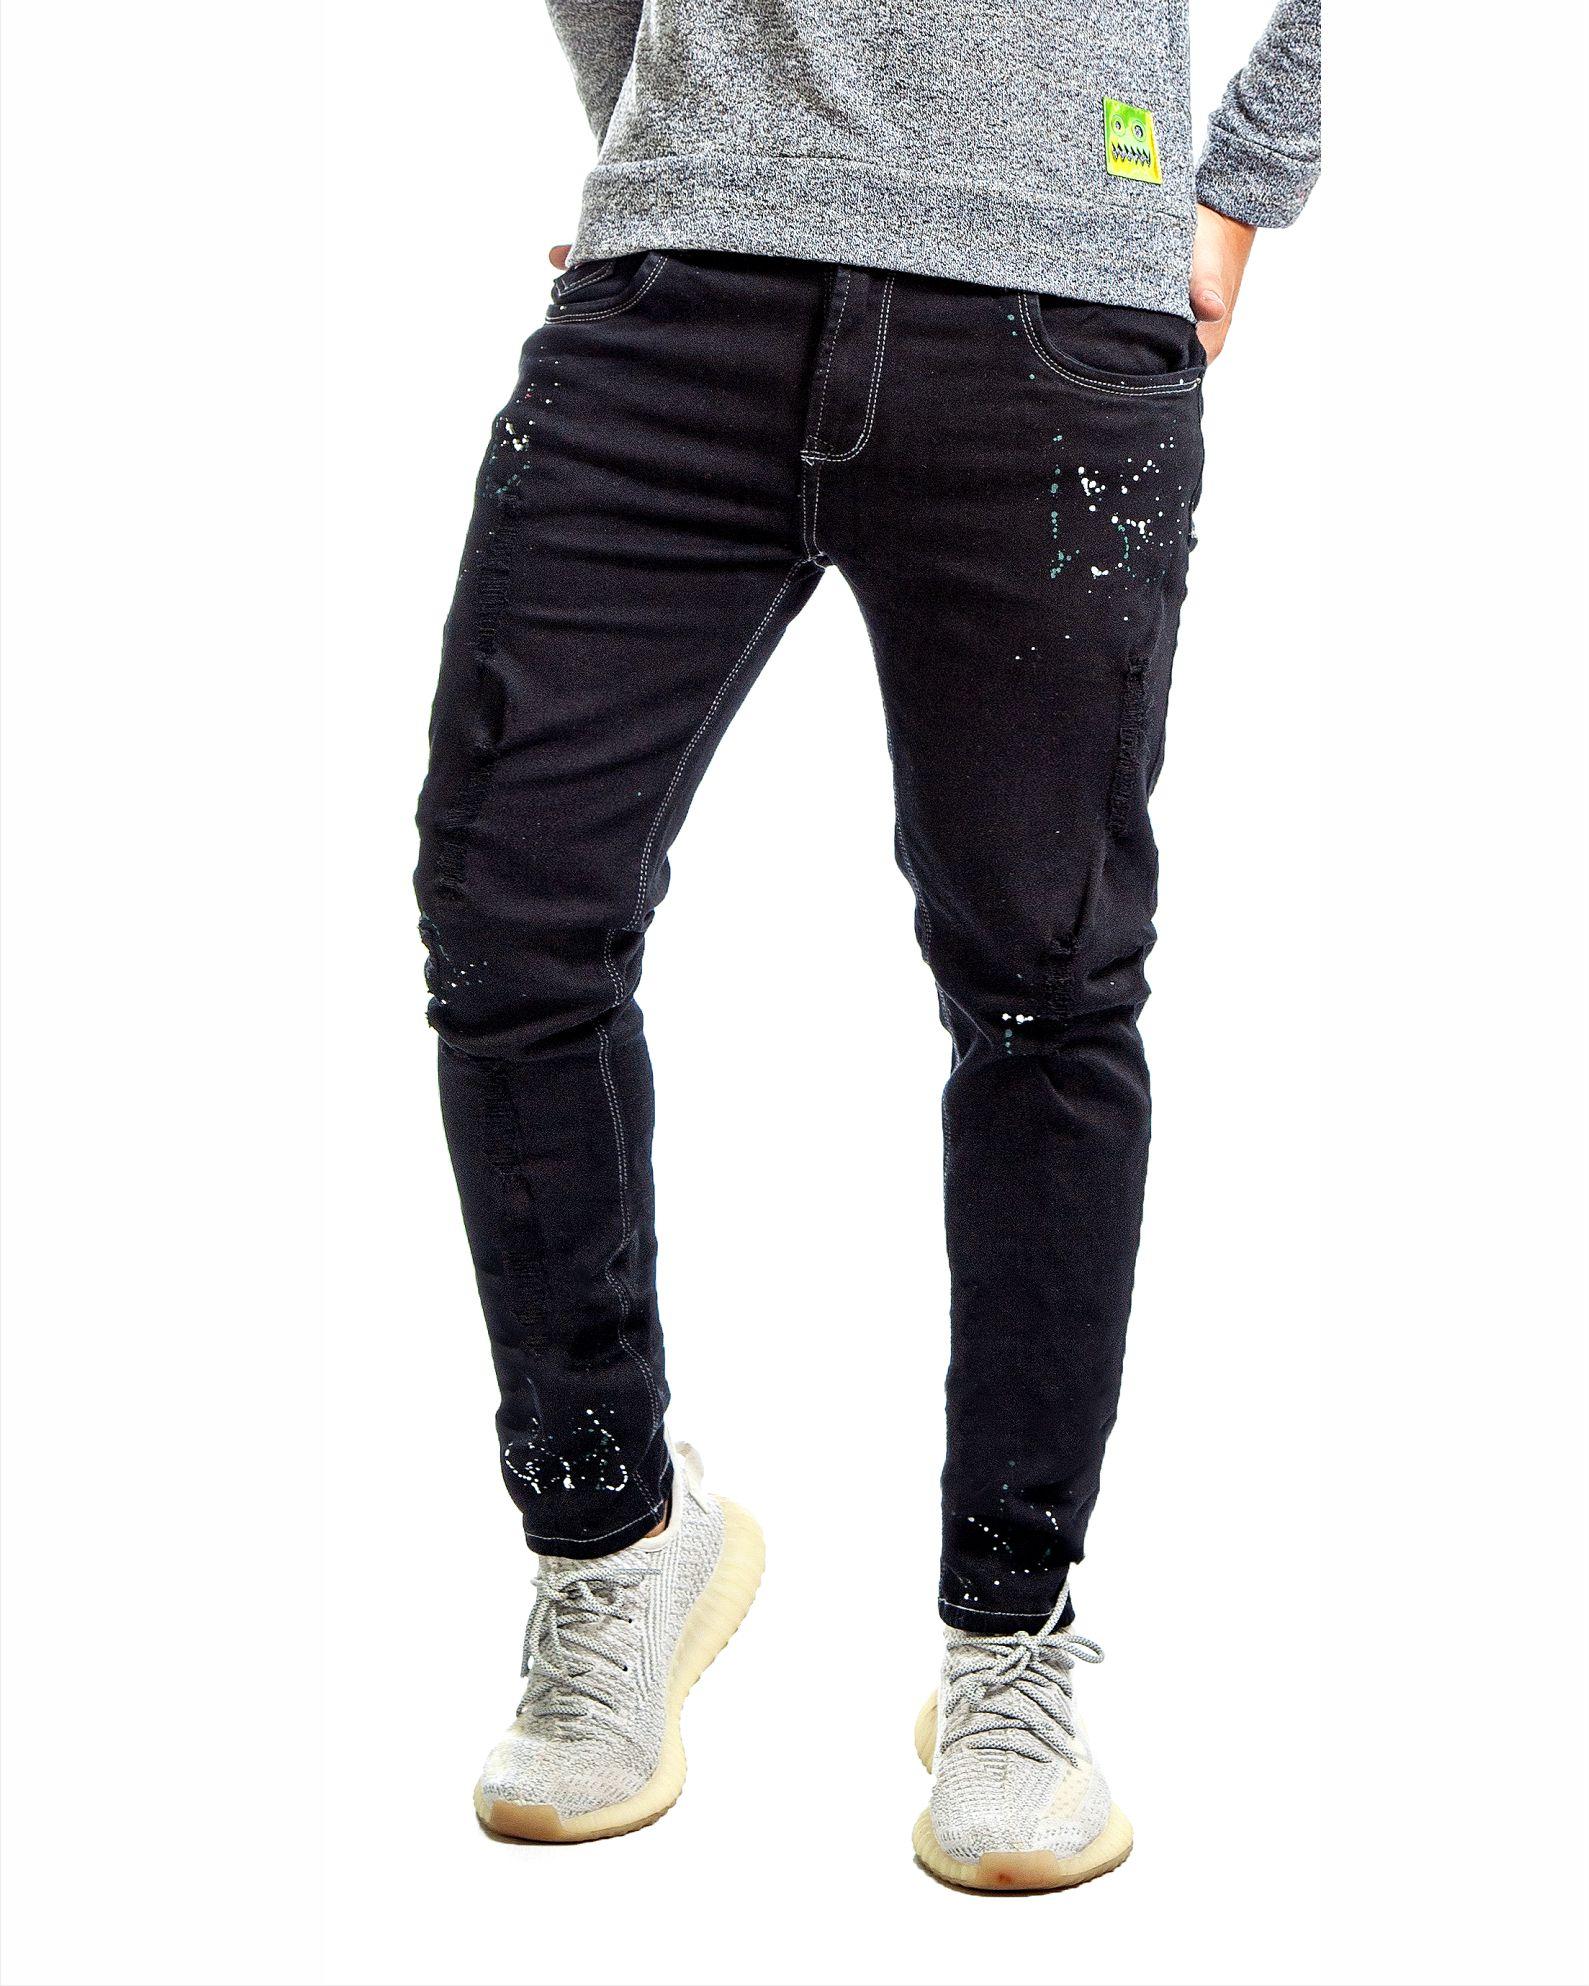 jean ref 1453 2 DESCRIPCION jean negro goteo blanco y verde, tela 98% algodon mas 2% de expande. $85 mil